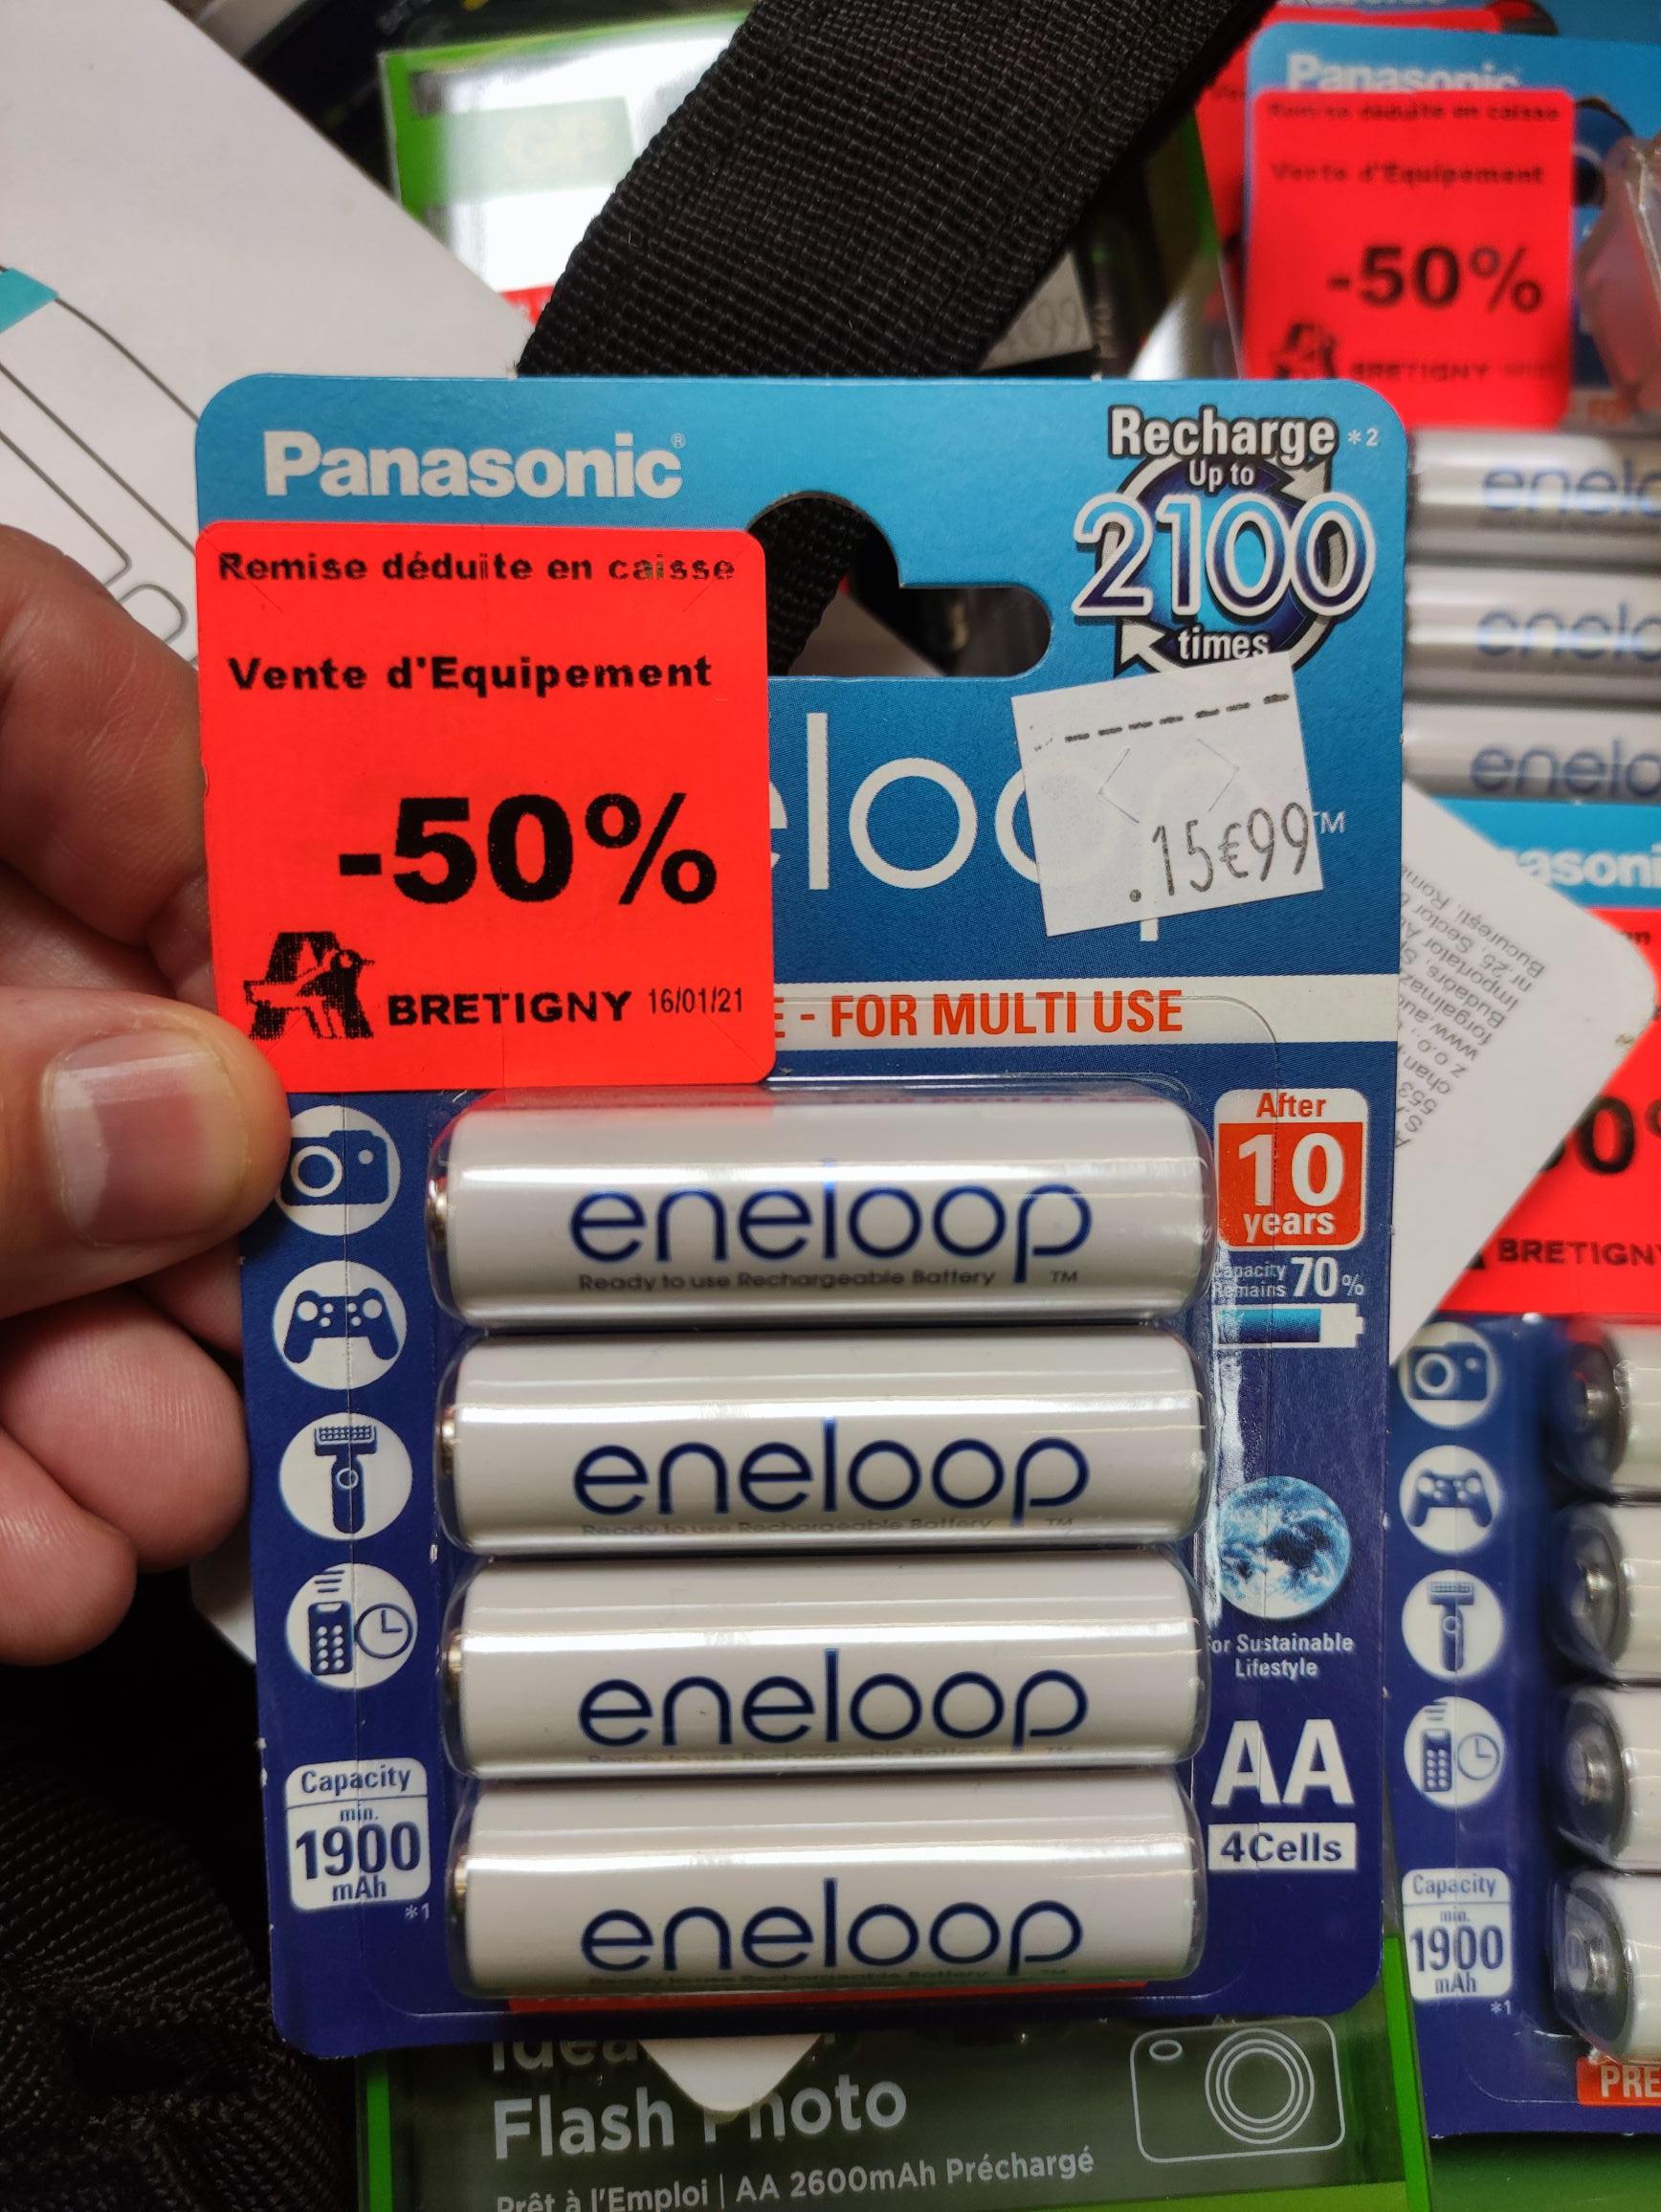 Pack de 4 piles rechargeables AA Panasonic Eneloop (1900 mAh) - Brétigny-sur-Orge (91)